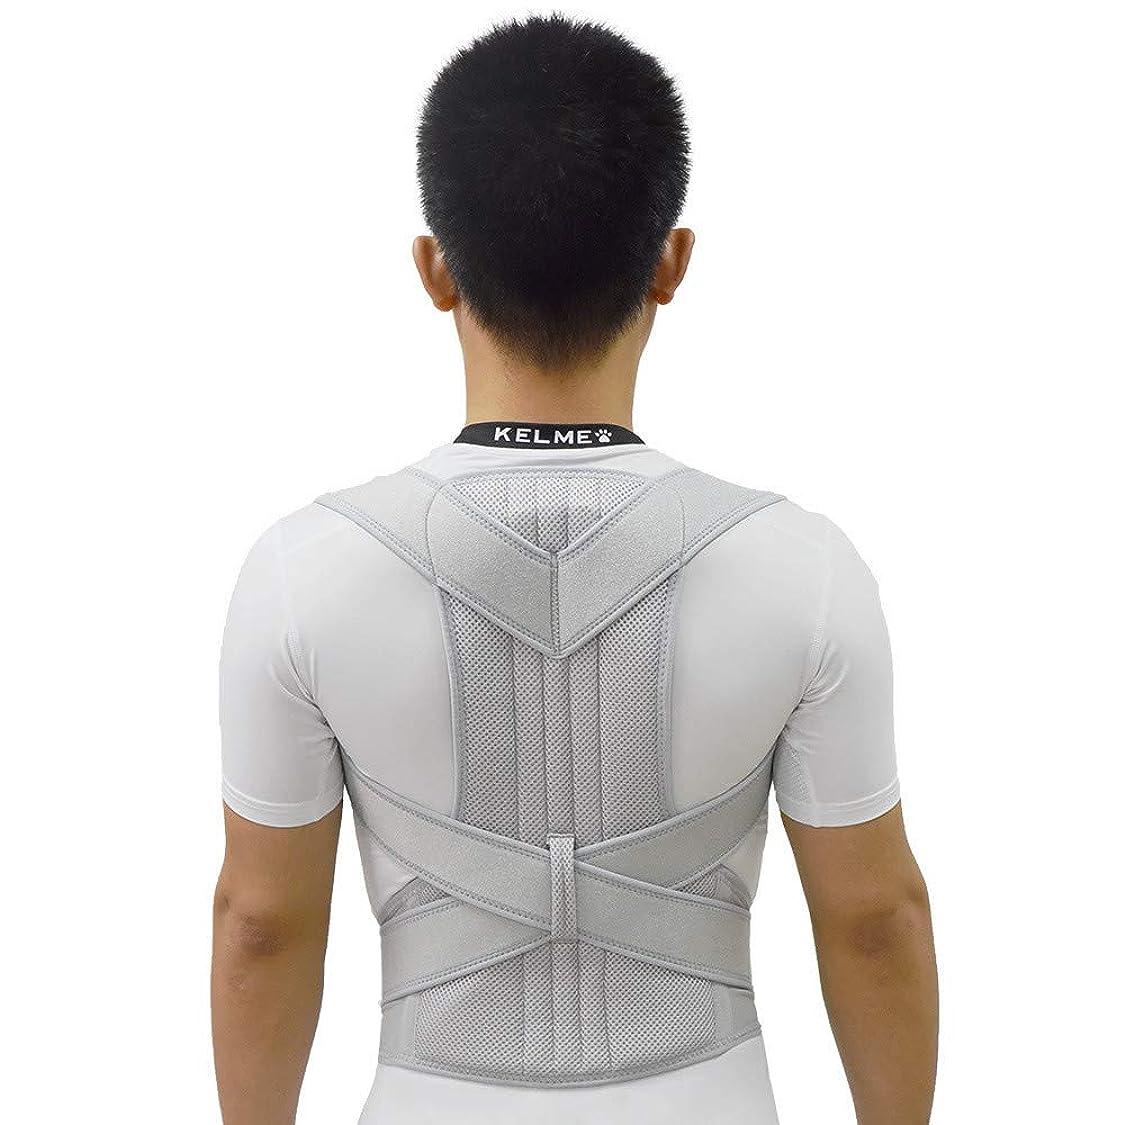 女性と男性の究極の姿勢ブレース、ニュートラルサポートの肩と鎖骨のサポート、背中上部の快適な姿勢トレーナーのサポート,L